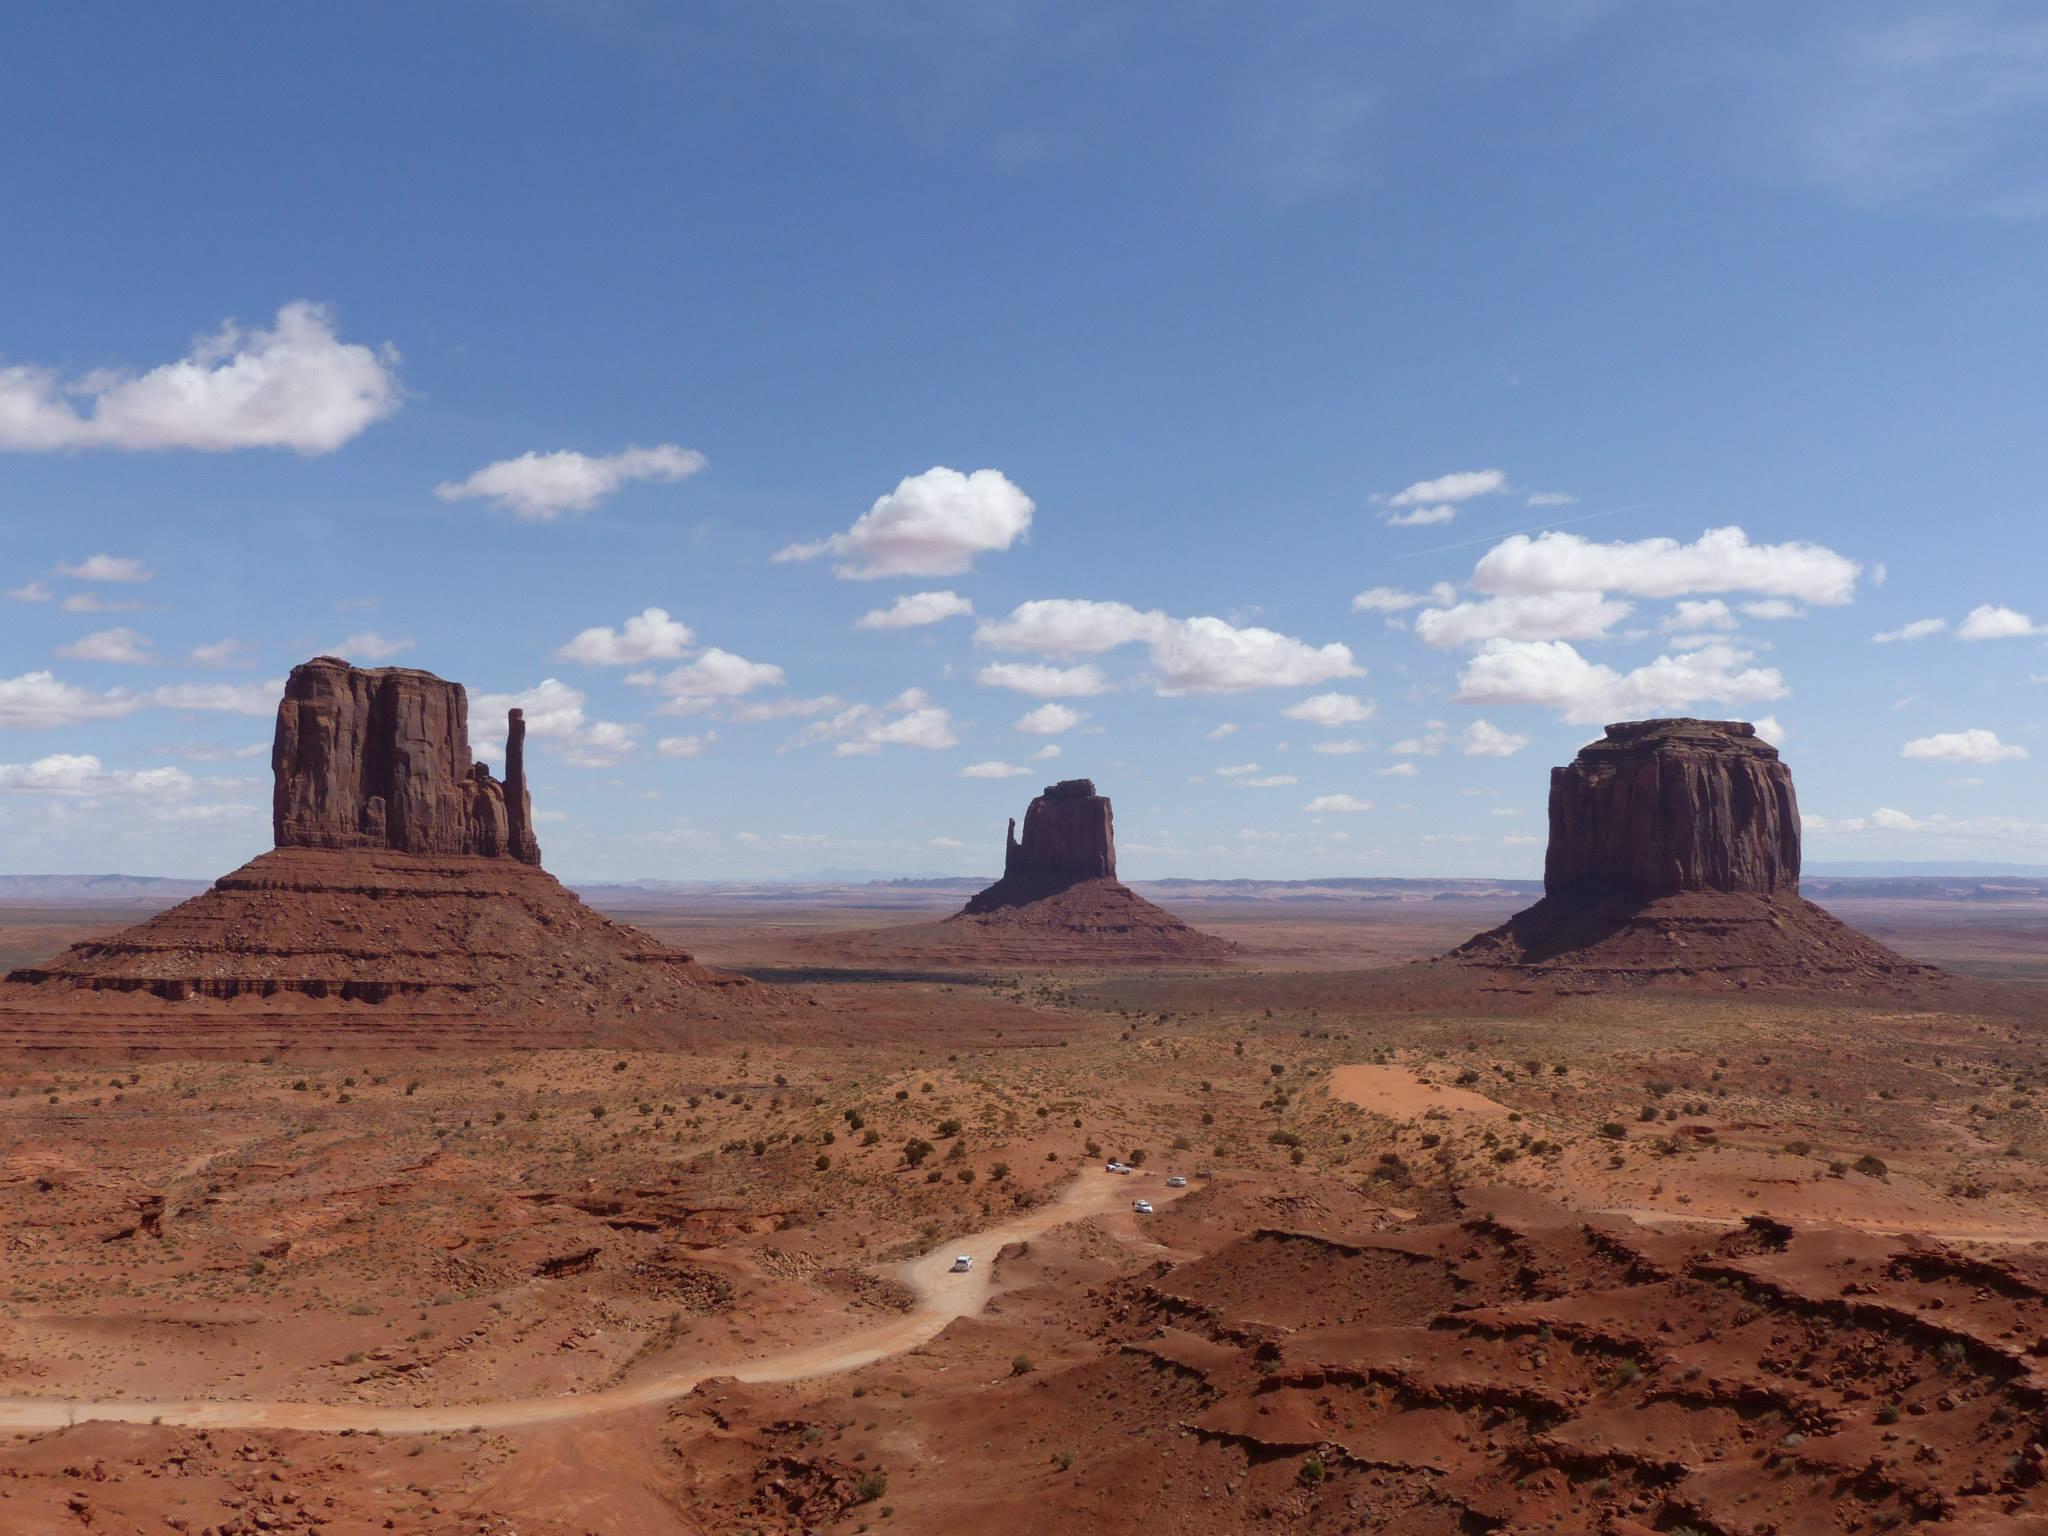 Les 10 parcs incontournables de l ouest am ricain for Agence paysage de l ouest